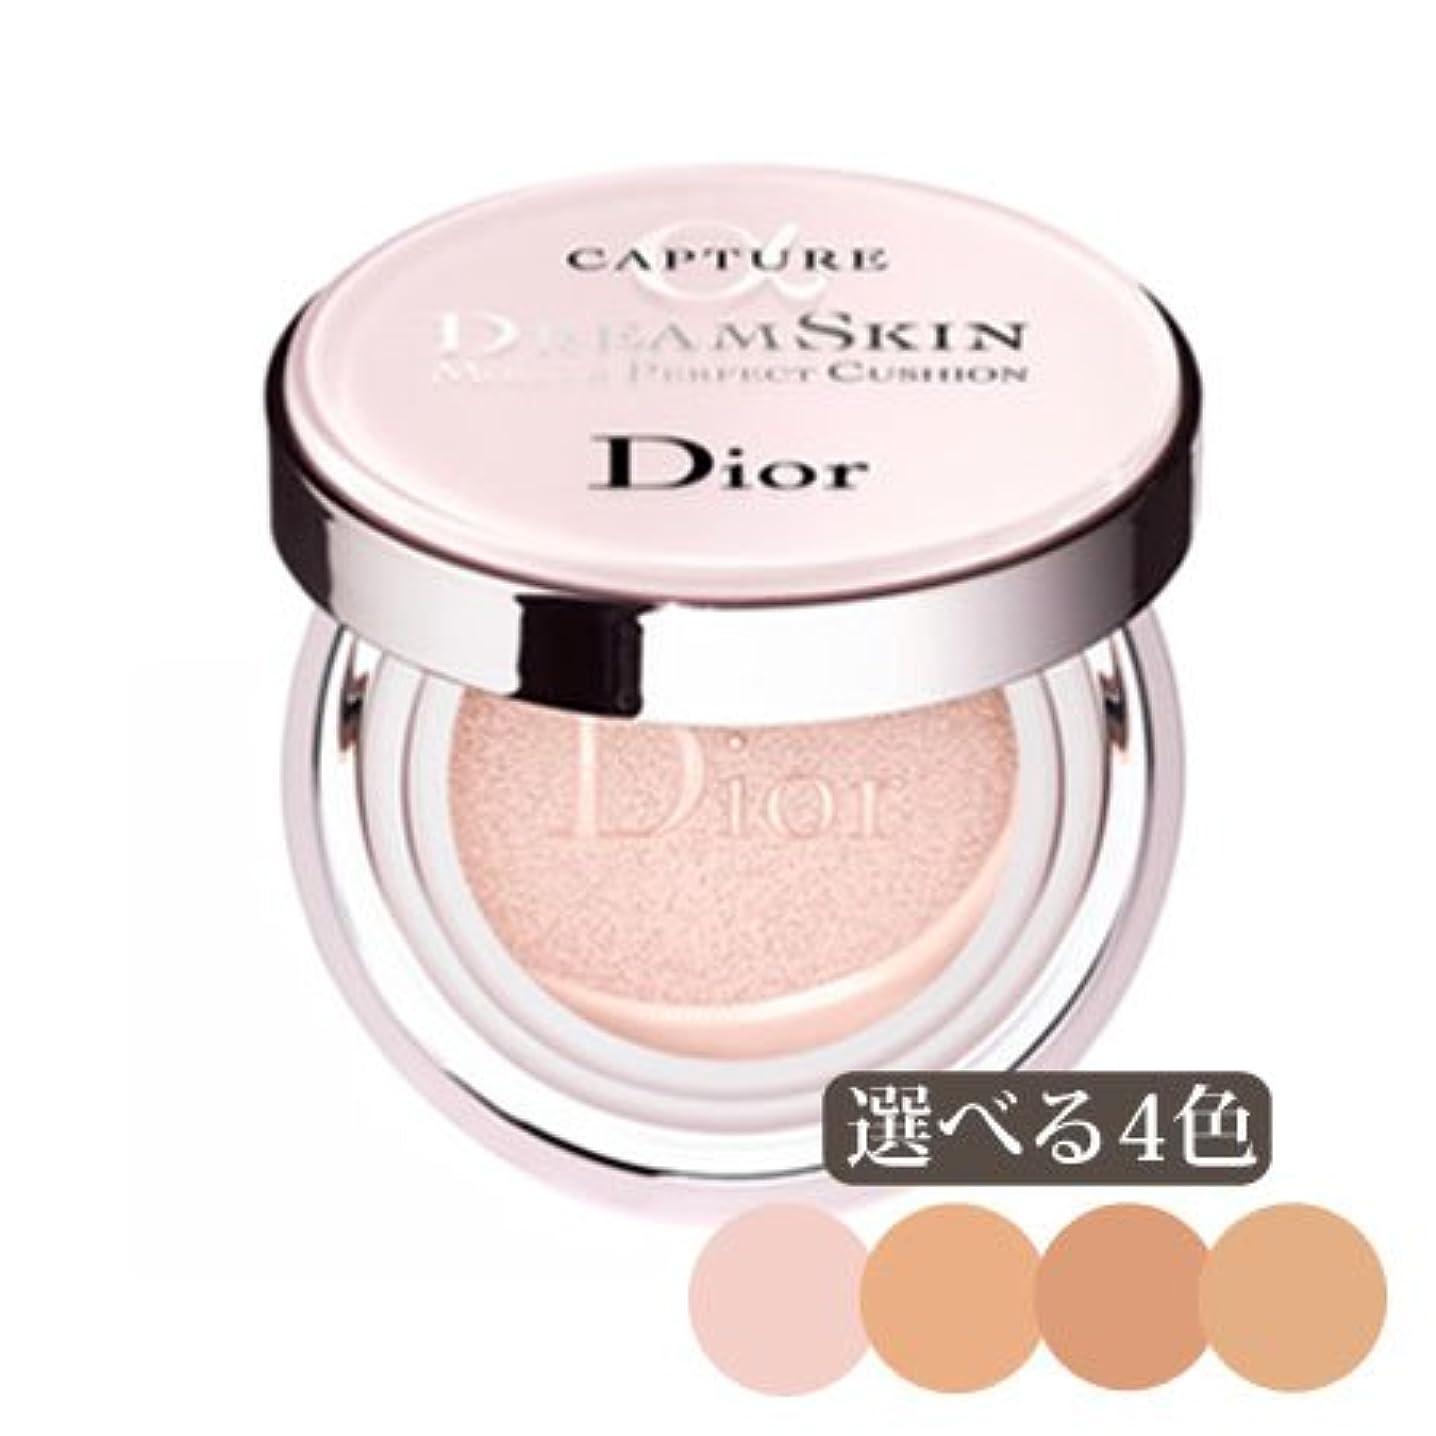 ラバ上げる通貨ディオール カプチュール ドリームスキン モイスト クッション 選べる4色 -Dior- 010